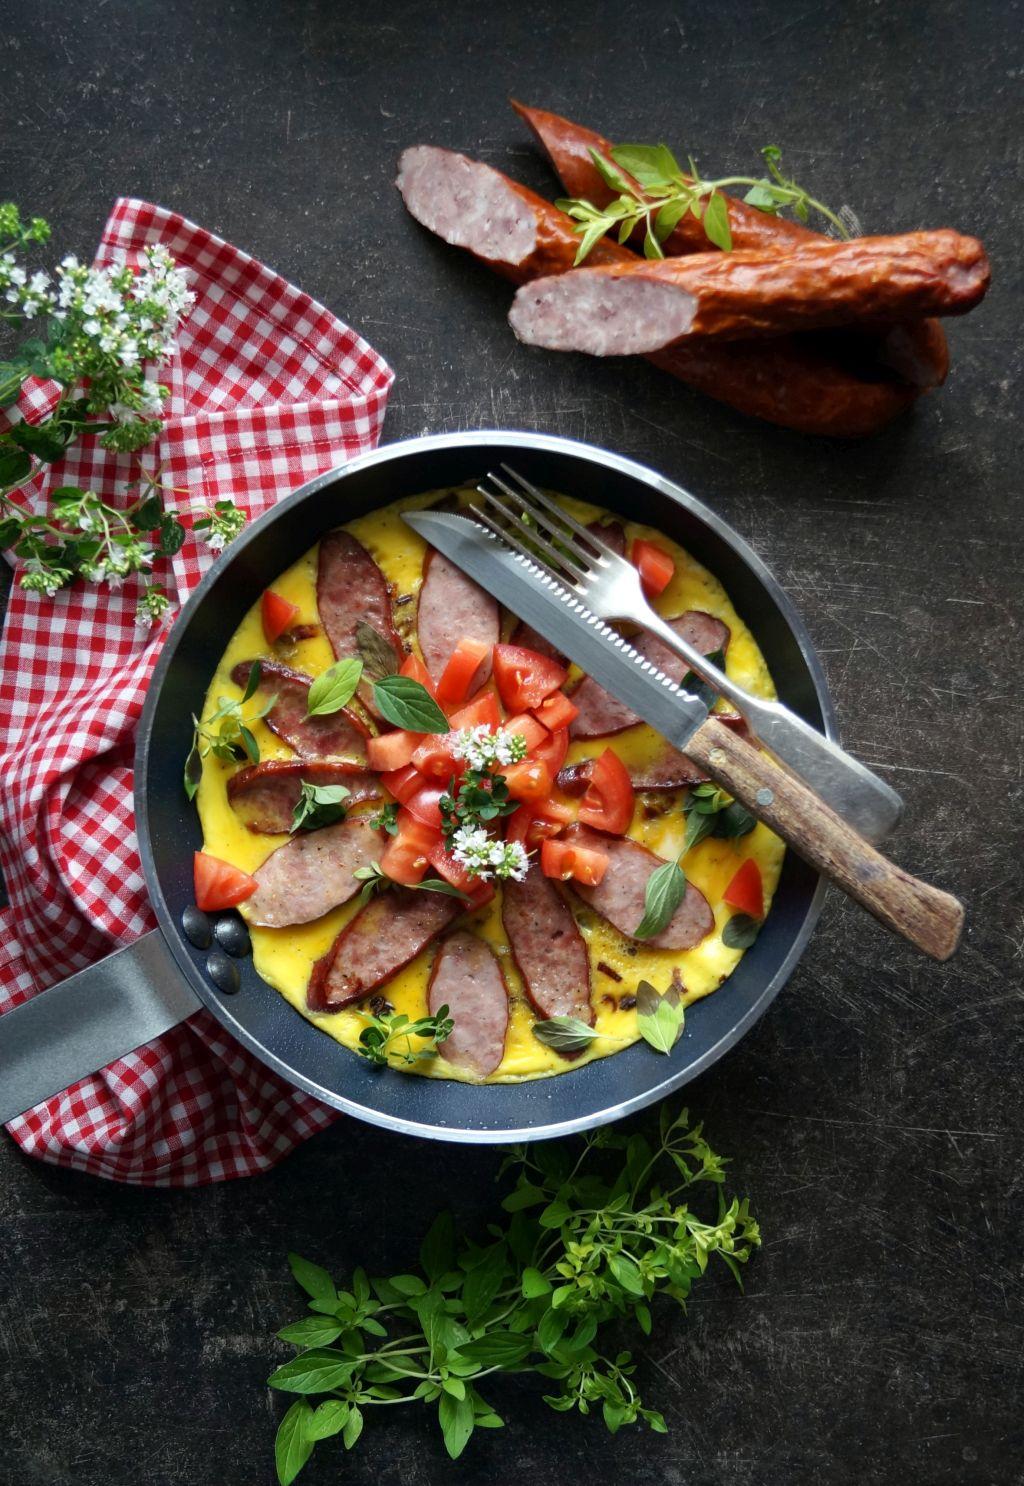 omlet-na-patelni